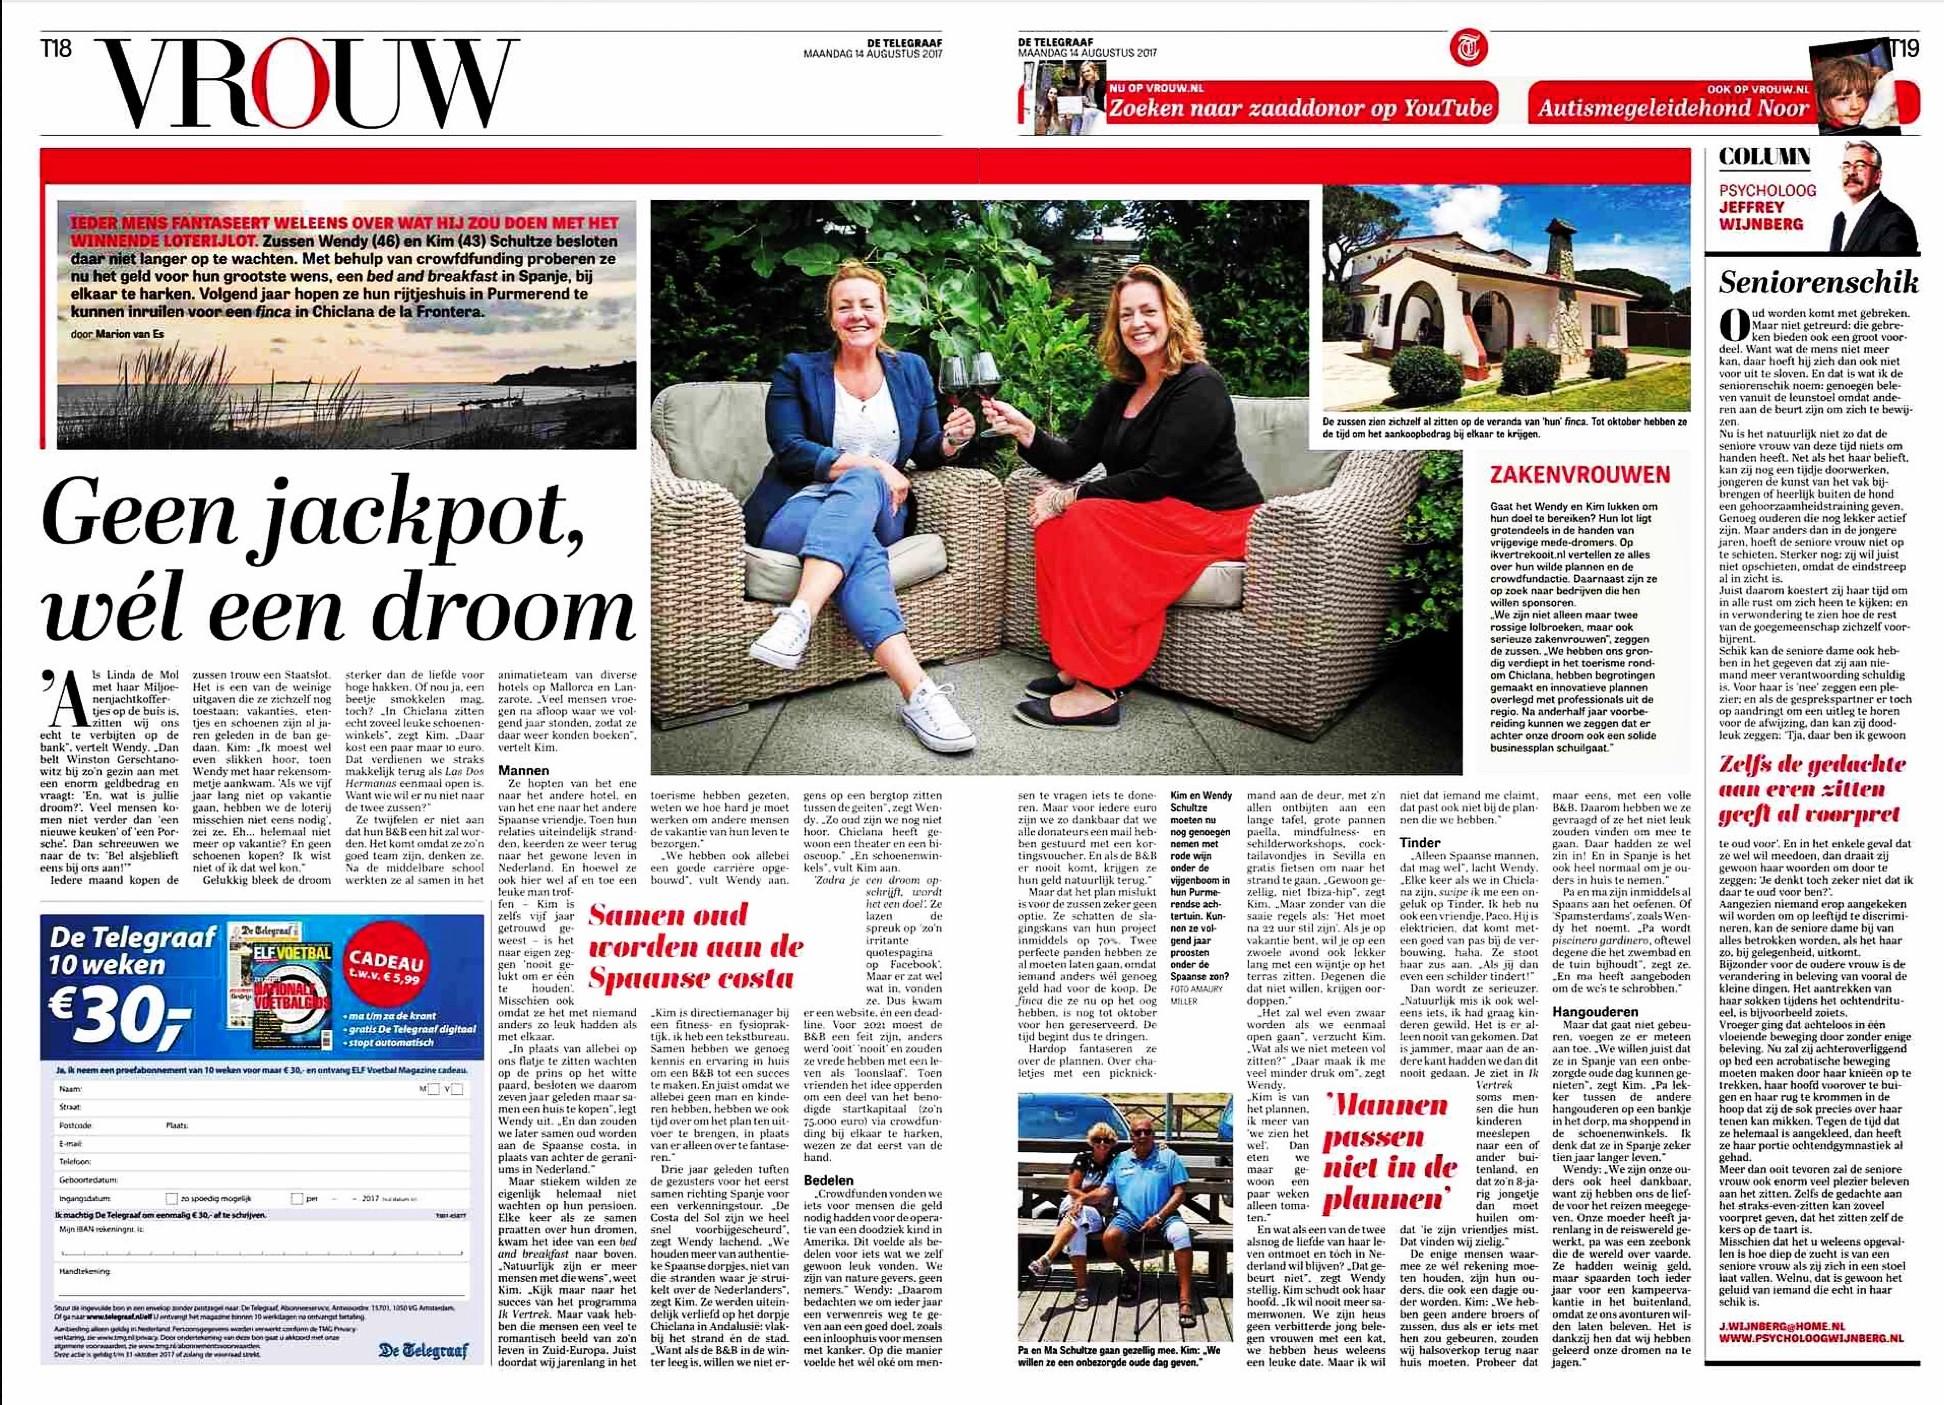 Interview De Telegraaf